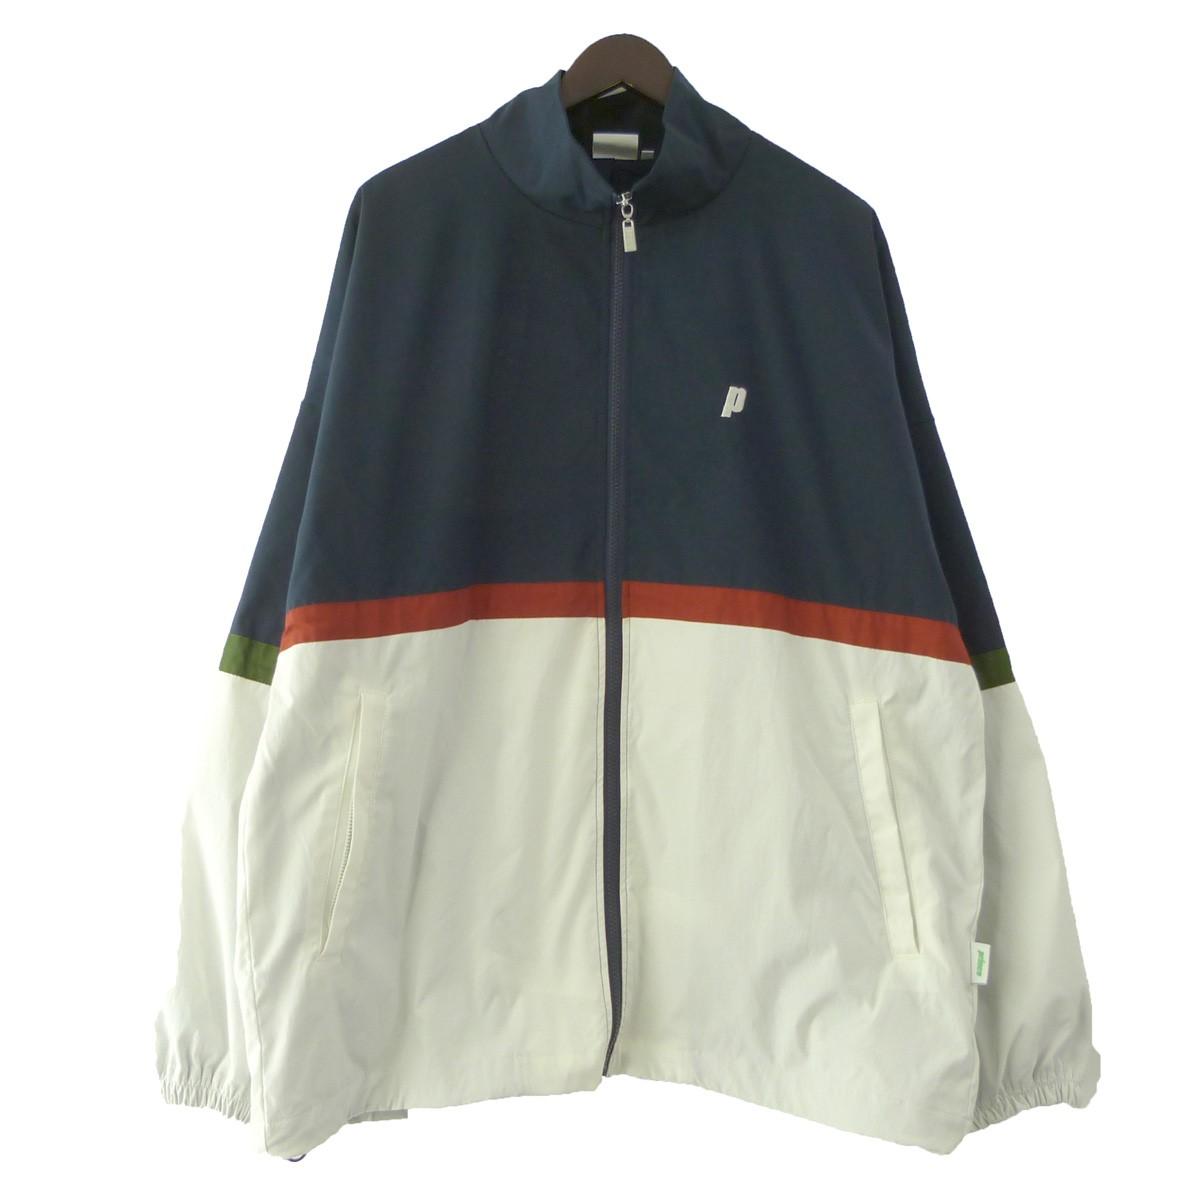 【中古】MIN-NANO × Prince × BEAMS T 「Zip Jacket」ジップジャケット ネイビー×ホワイト サイズ:L 【030619】(ミンナノ プリンス ビームス)